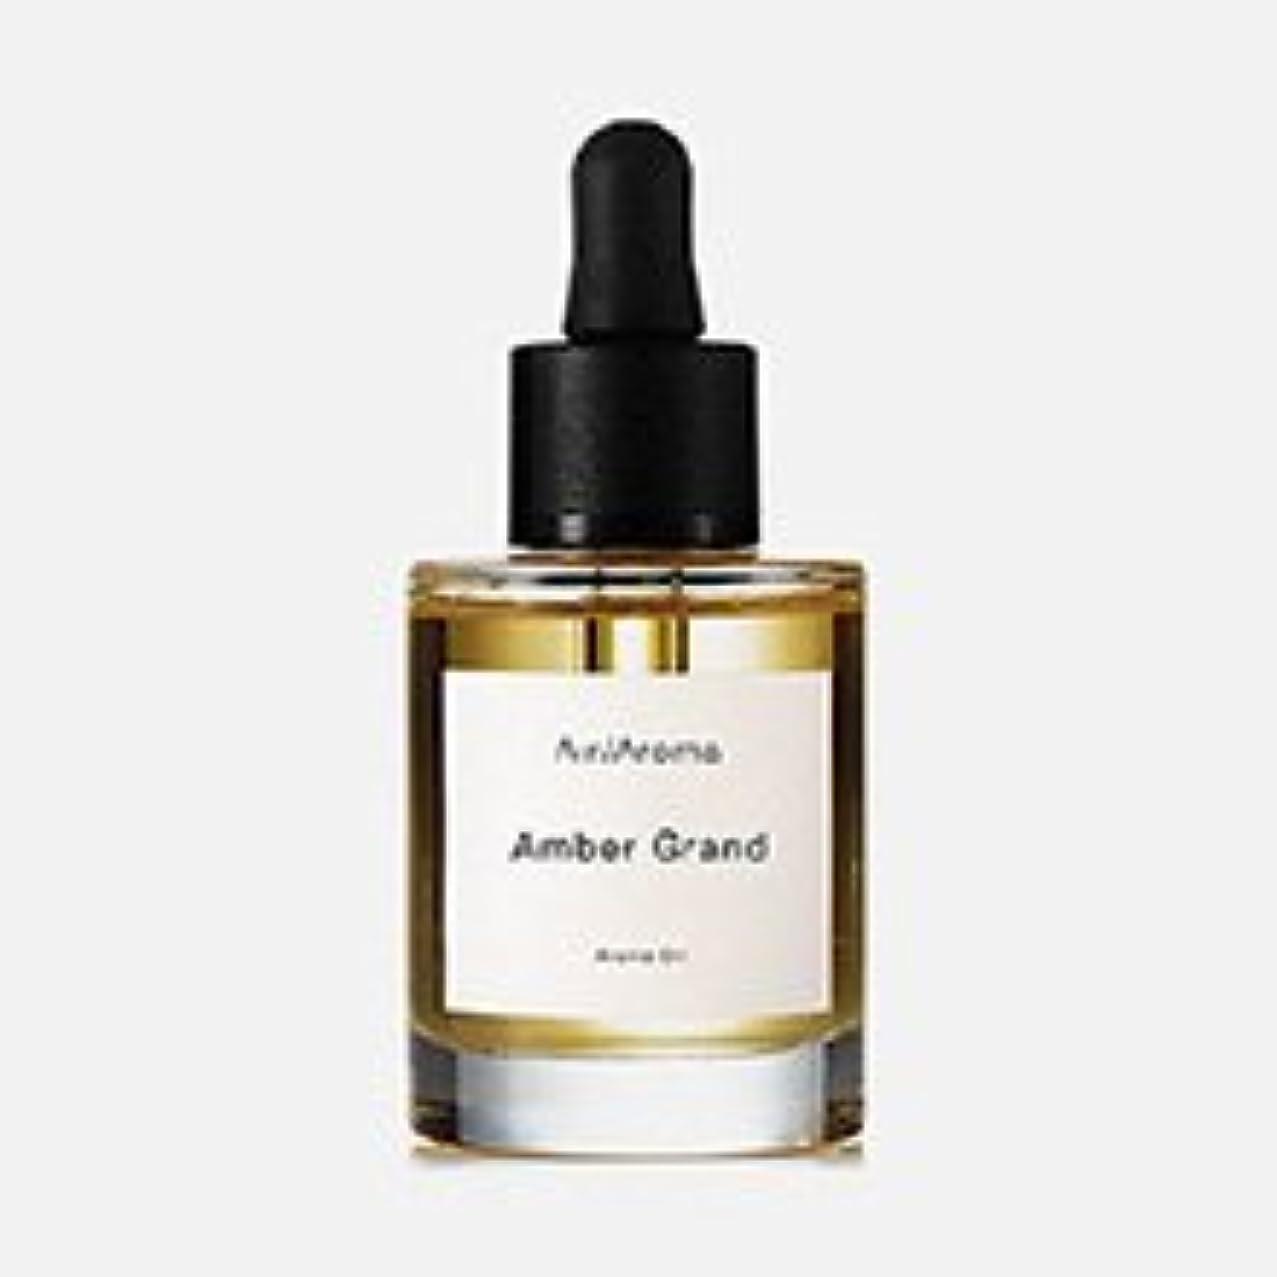 傾向アボート粘着性エアアロマ Amber Grand (アンバーグランド) 30ml